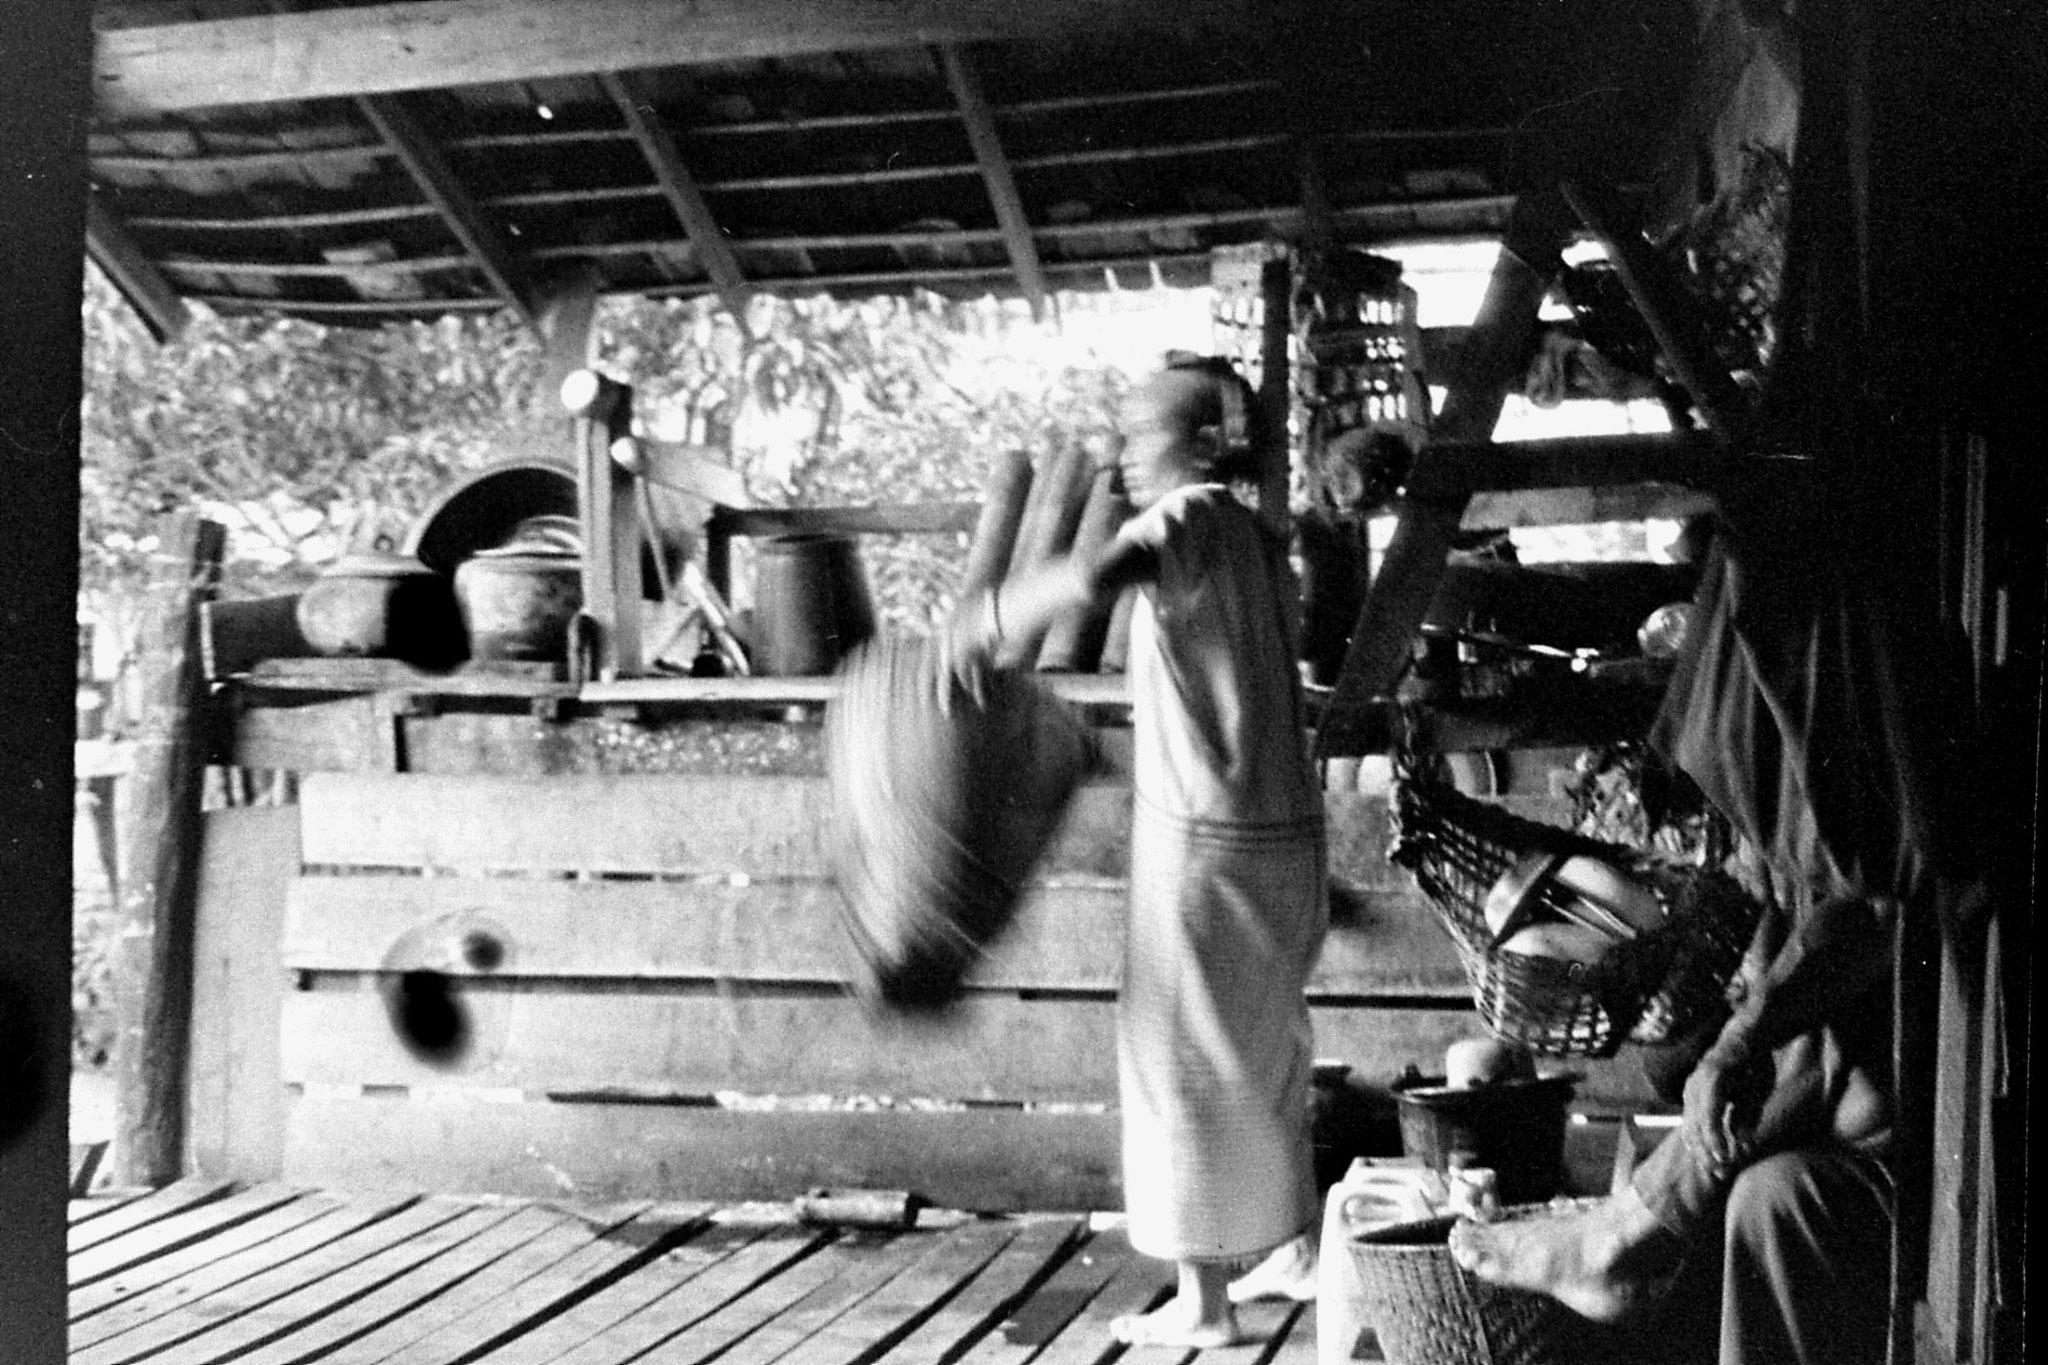 12/6/1990: 19: Hue Kom valley Koei village